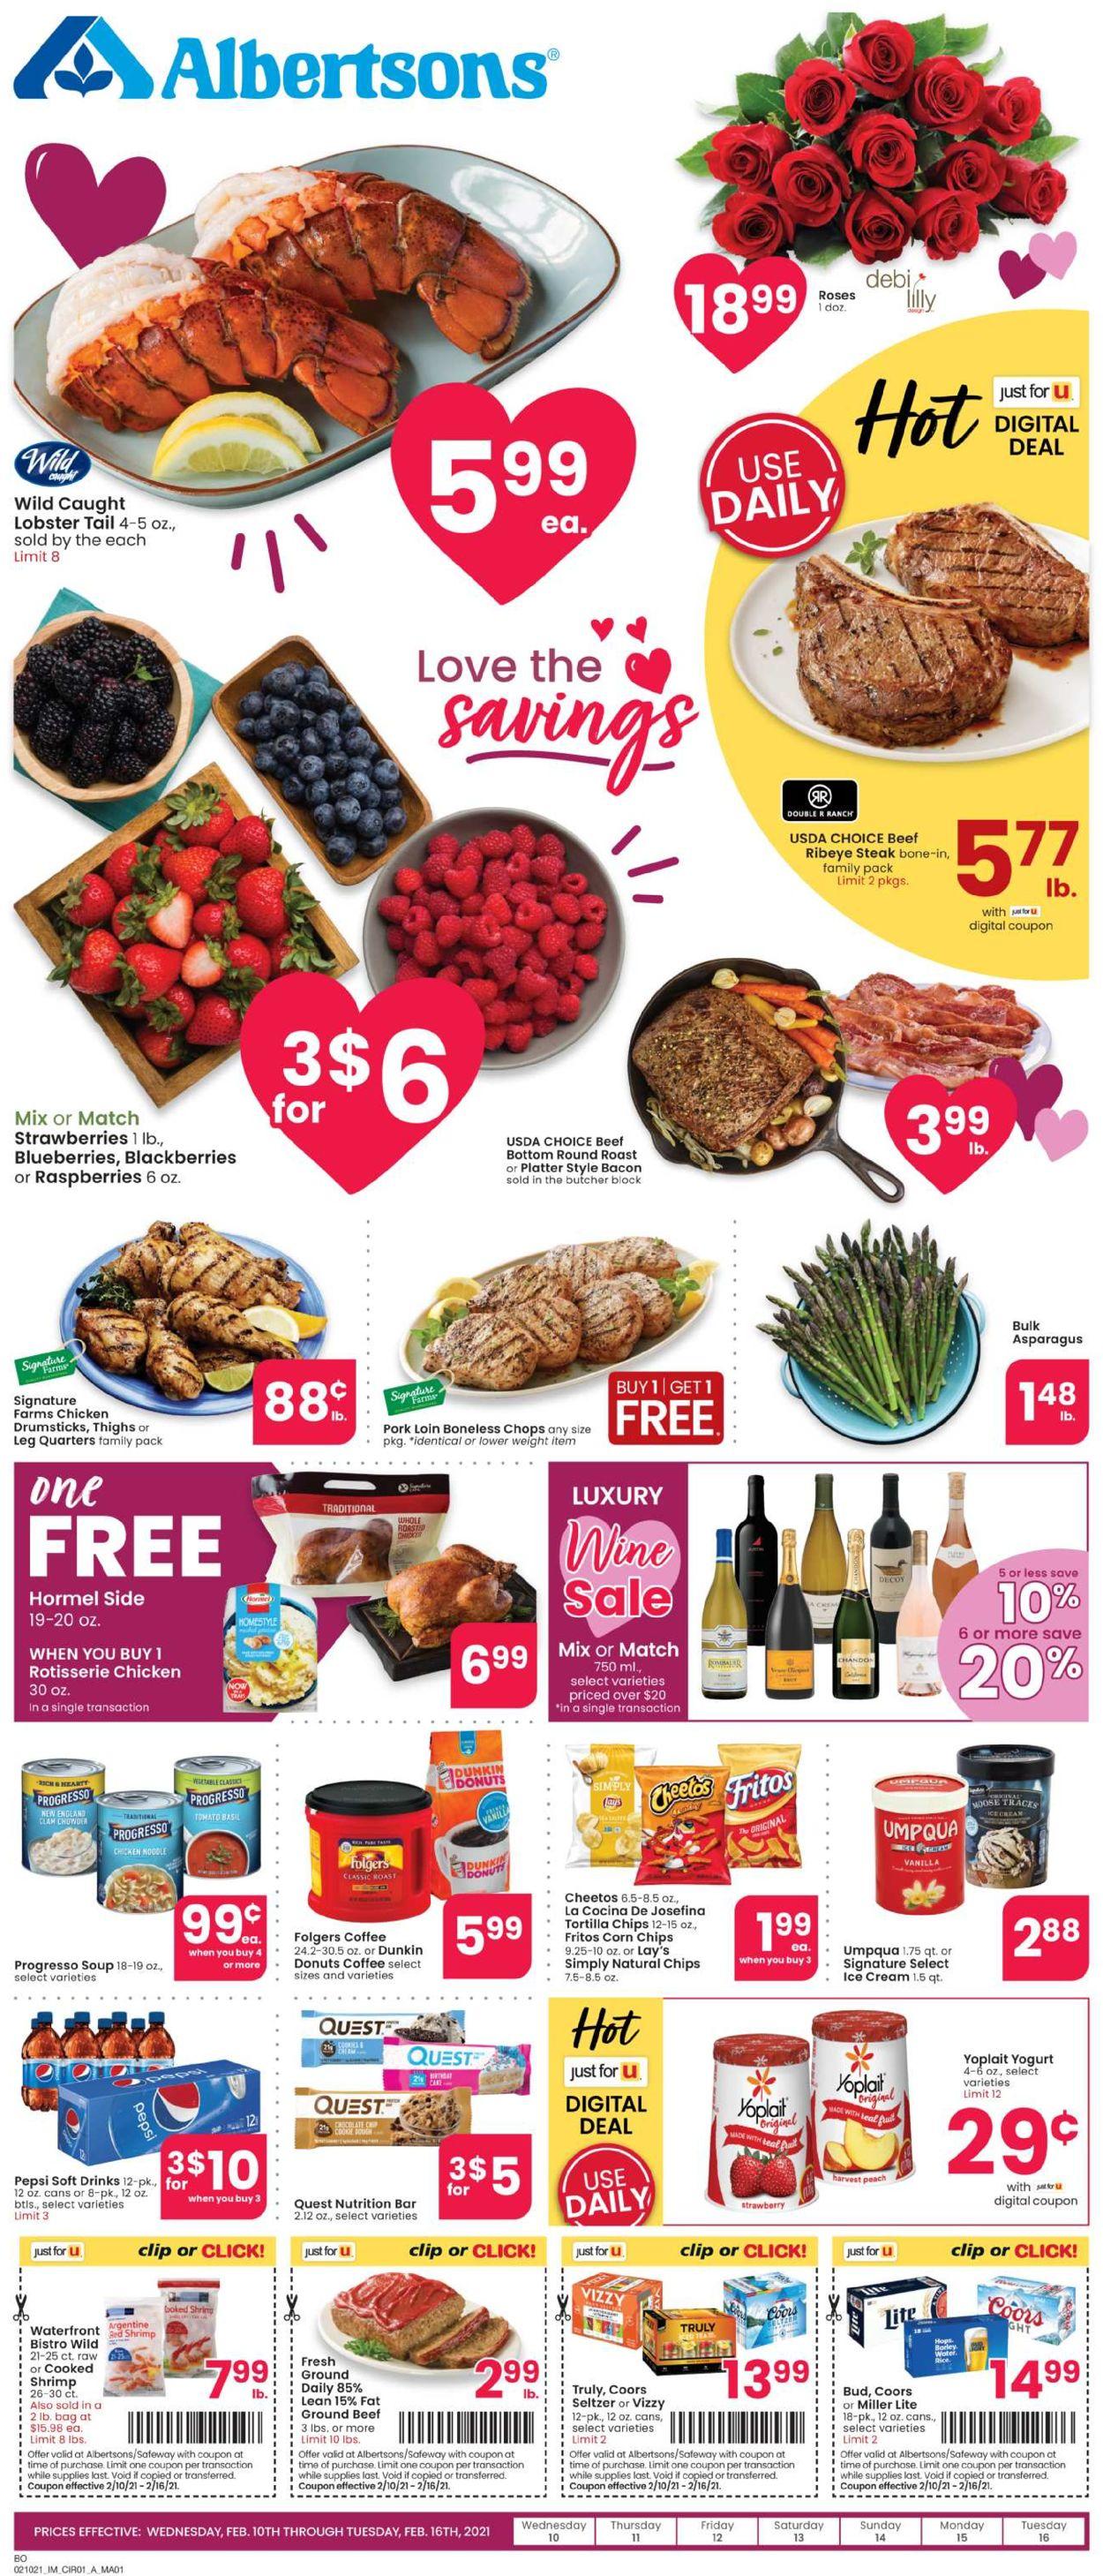 Albertsons Weekly Ad Circular - valid 02/10-02/16/2021